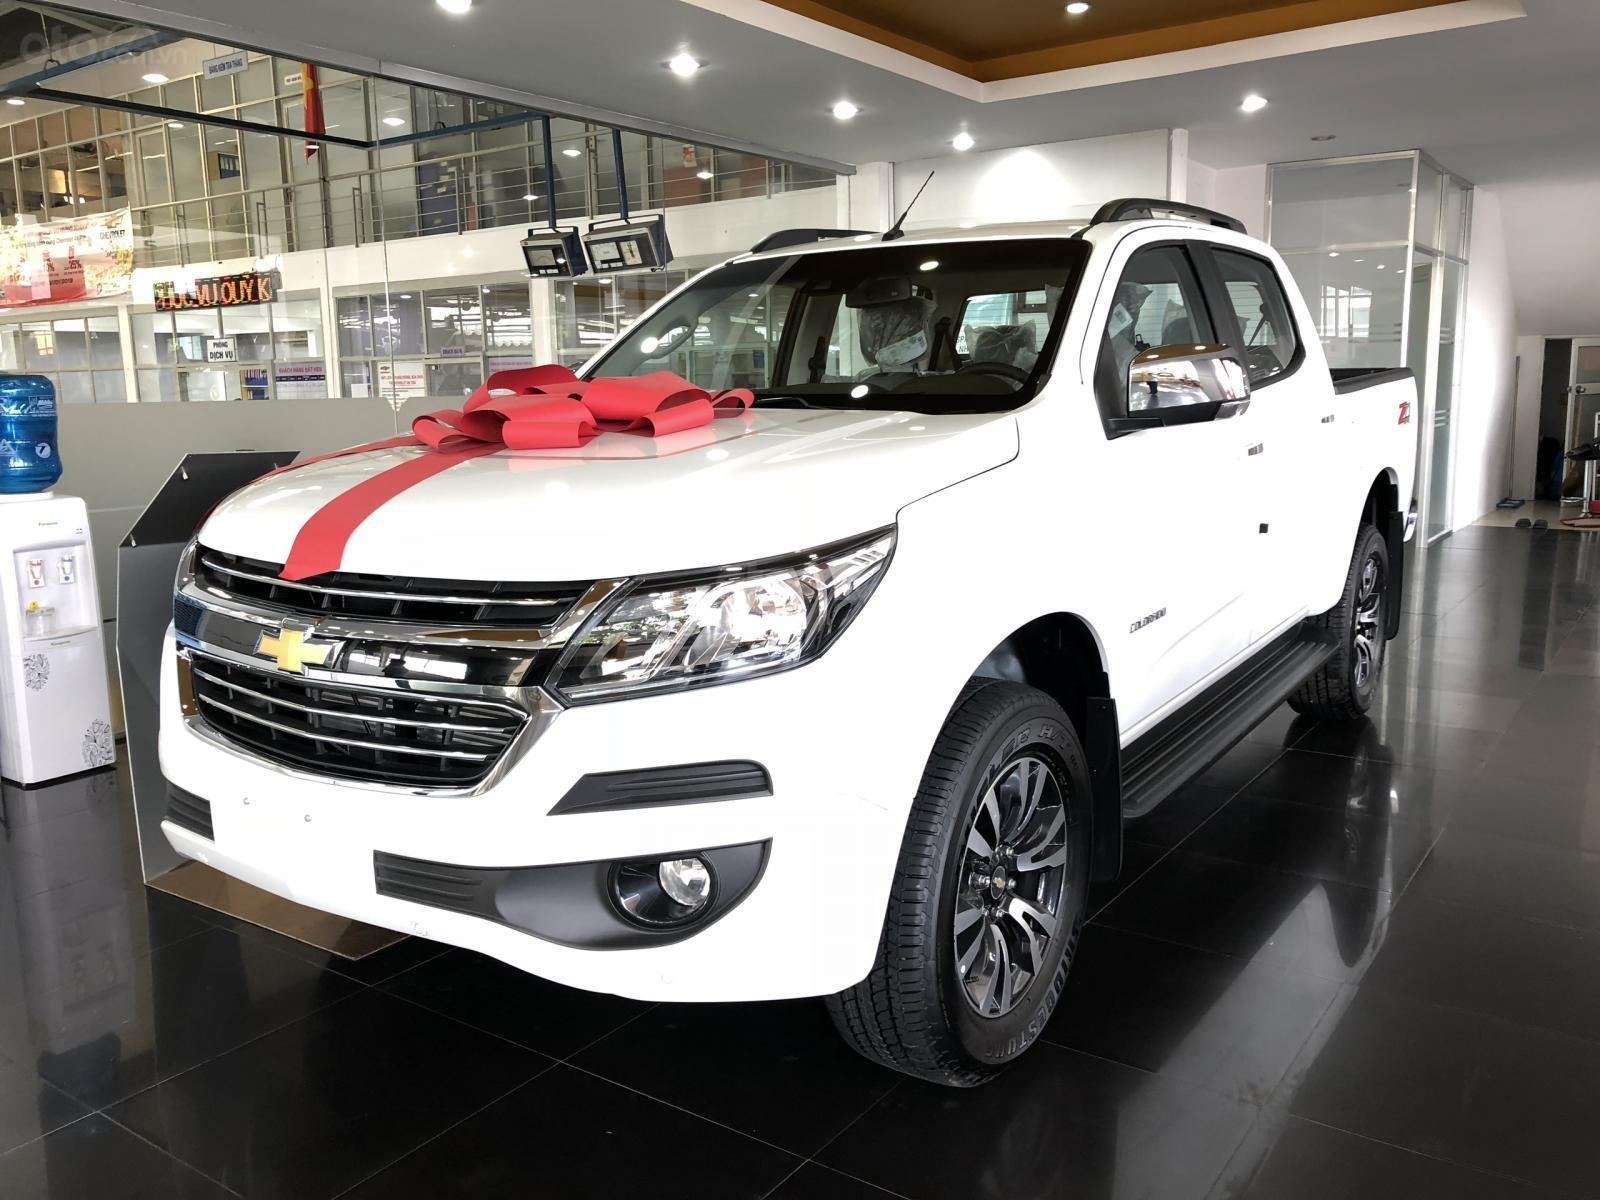 Bán Chevrolet Colorado nhập khẩu, có bán trả góp, khuyến mãi tiền mặt 50 triệu (3)